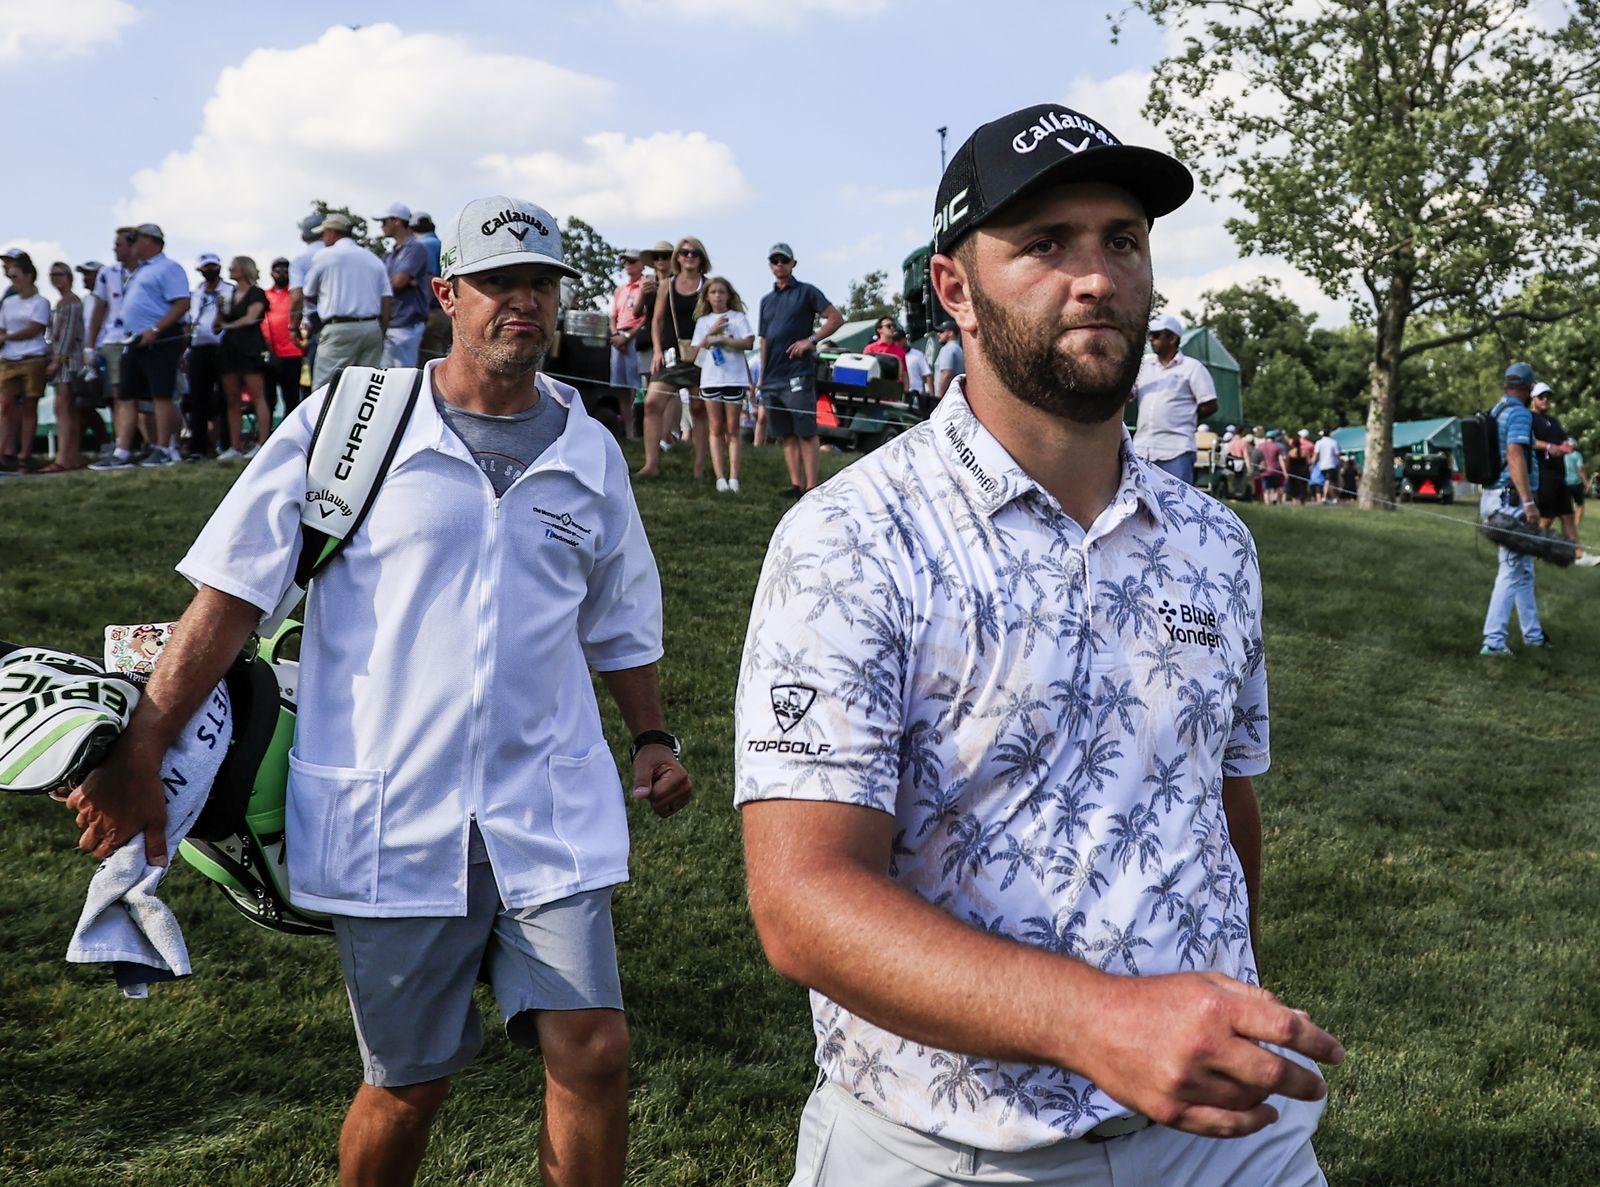 The Memorial golf tournament